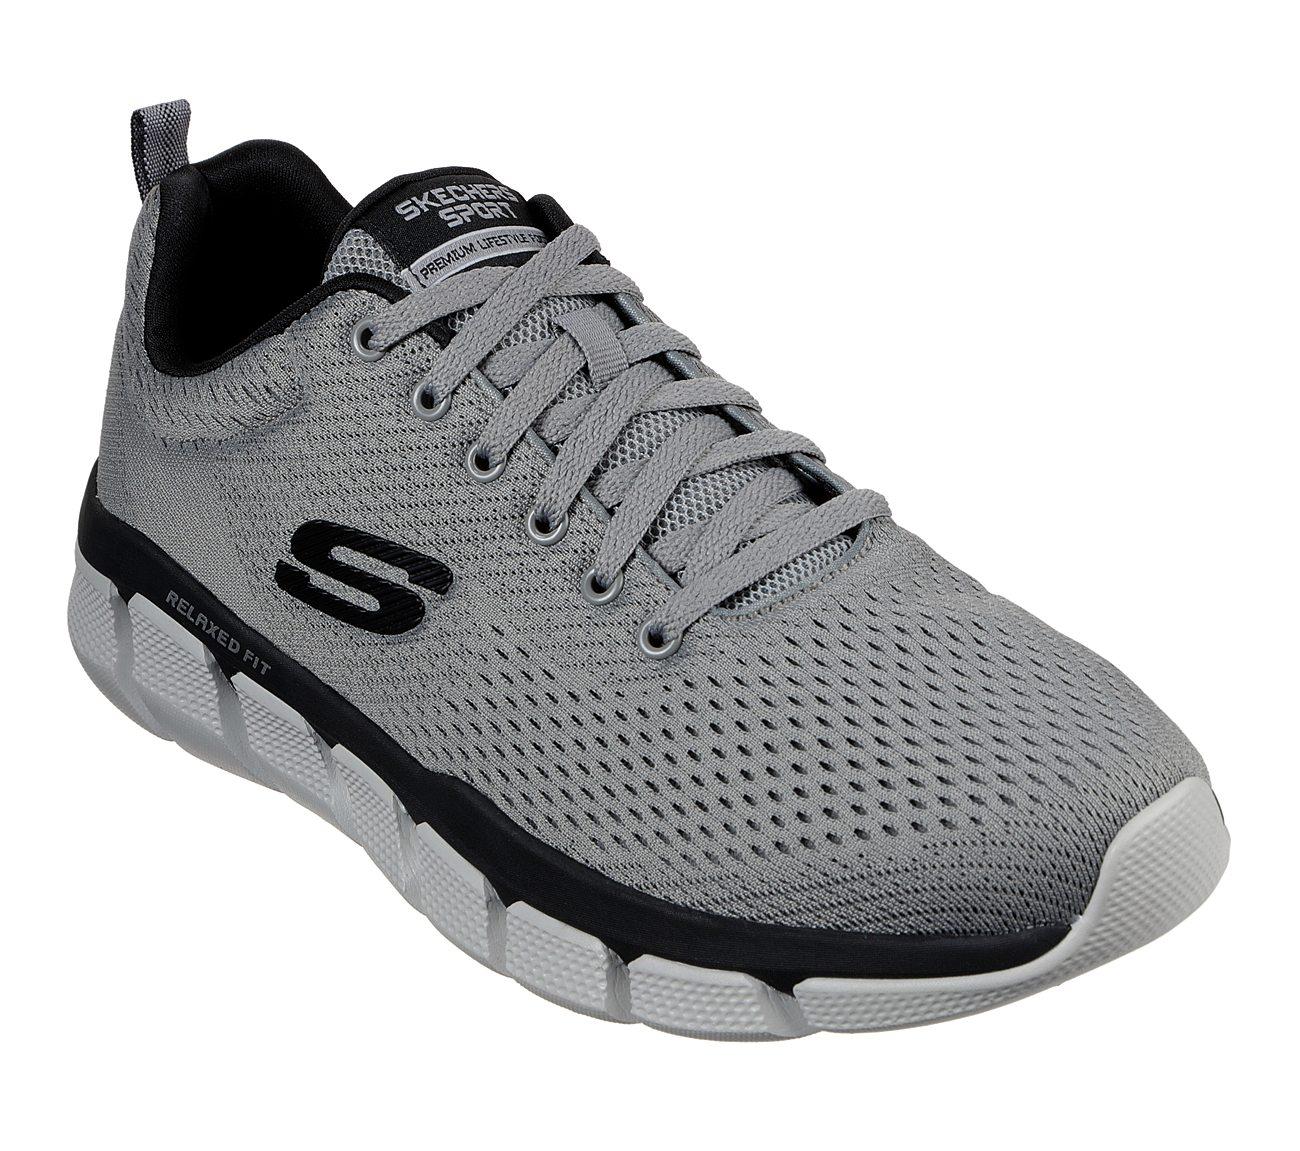 Skechers Womens Relaxed Fit Skech Flex Memory Foam Shoe Size